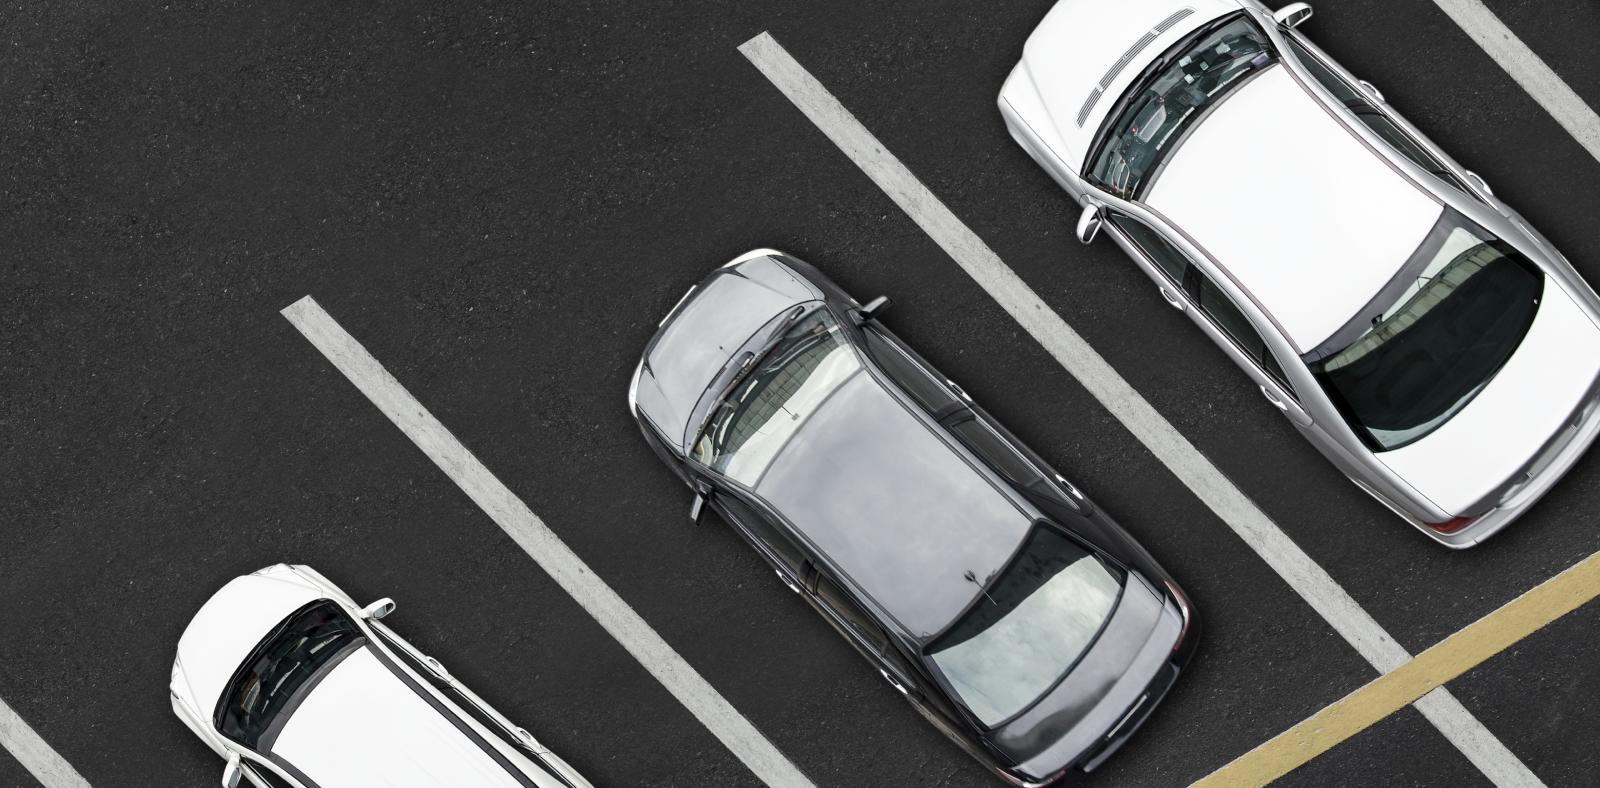 車両管理システムを活用した管理効率化と生産性向上とは